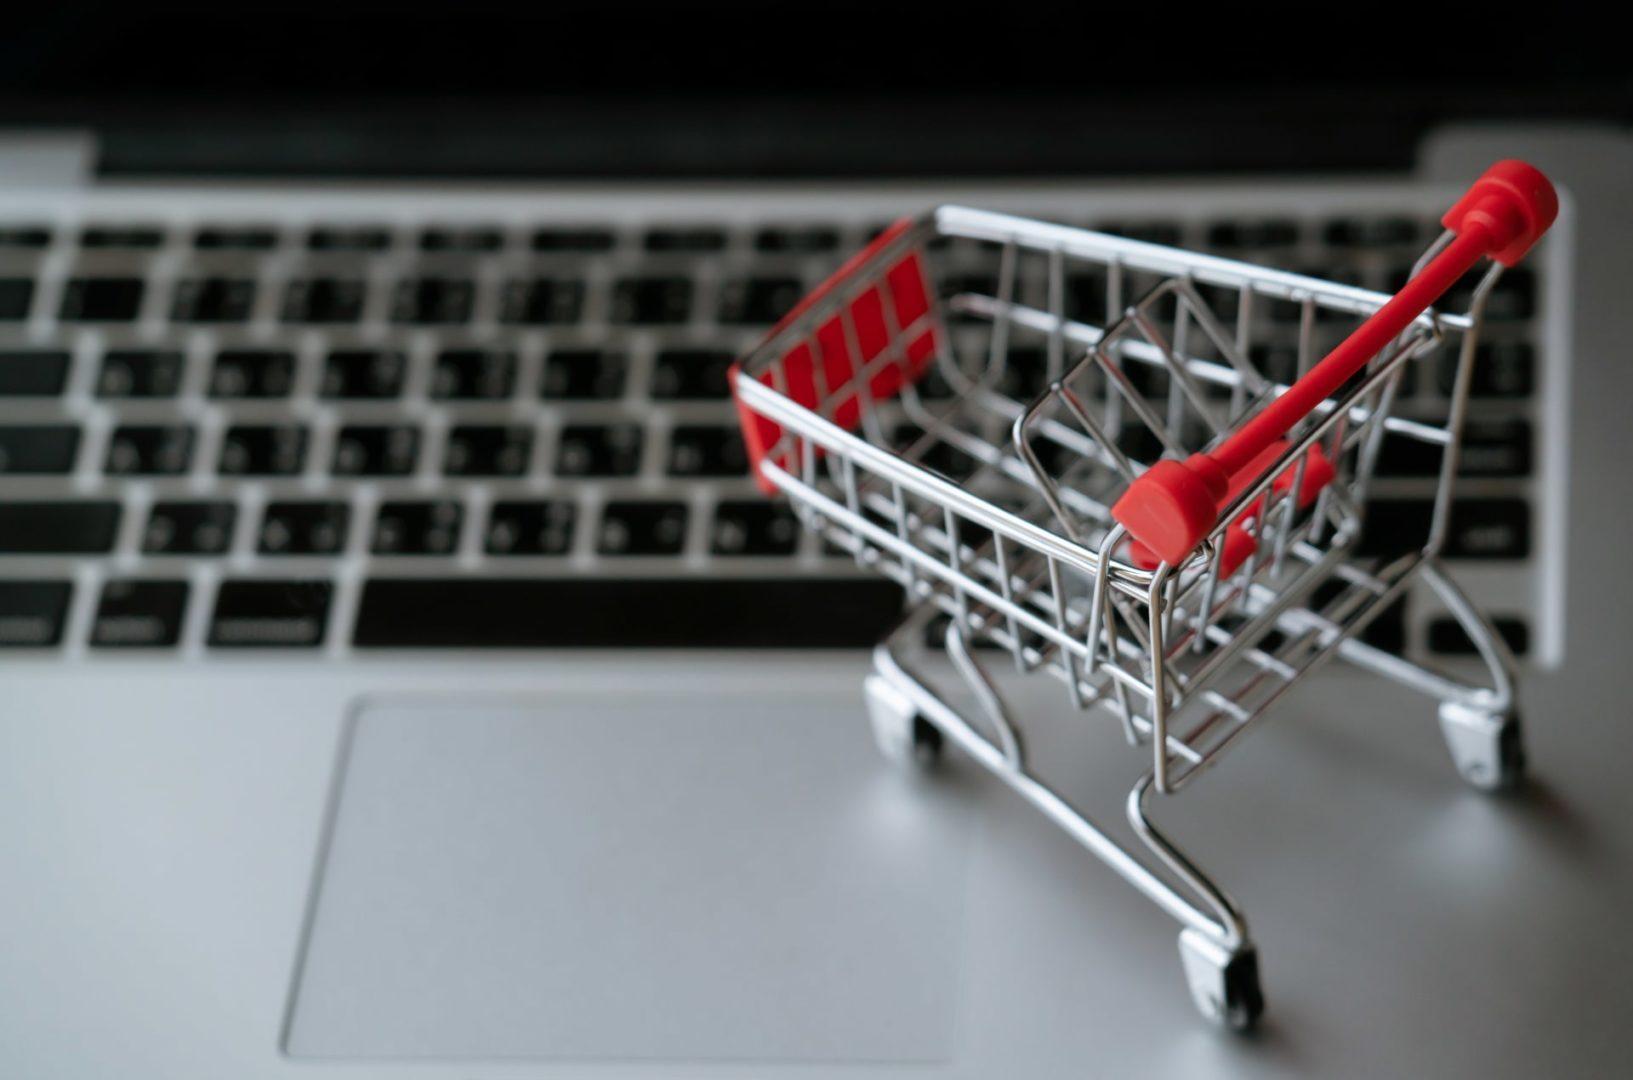 Comment-creer-une-boutique-en-ligne-rentable-en-10-points-hurtersolutions